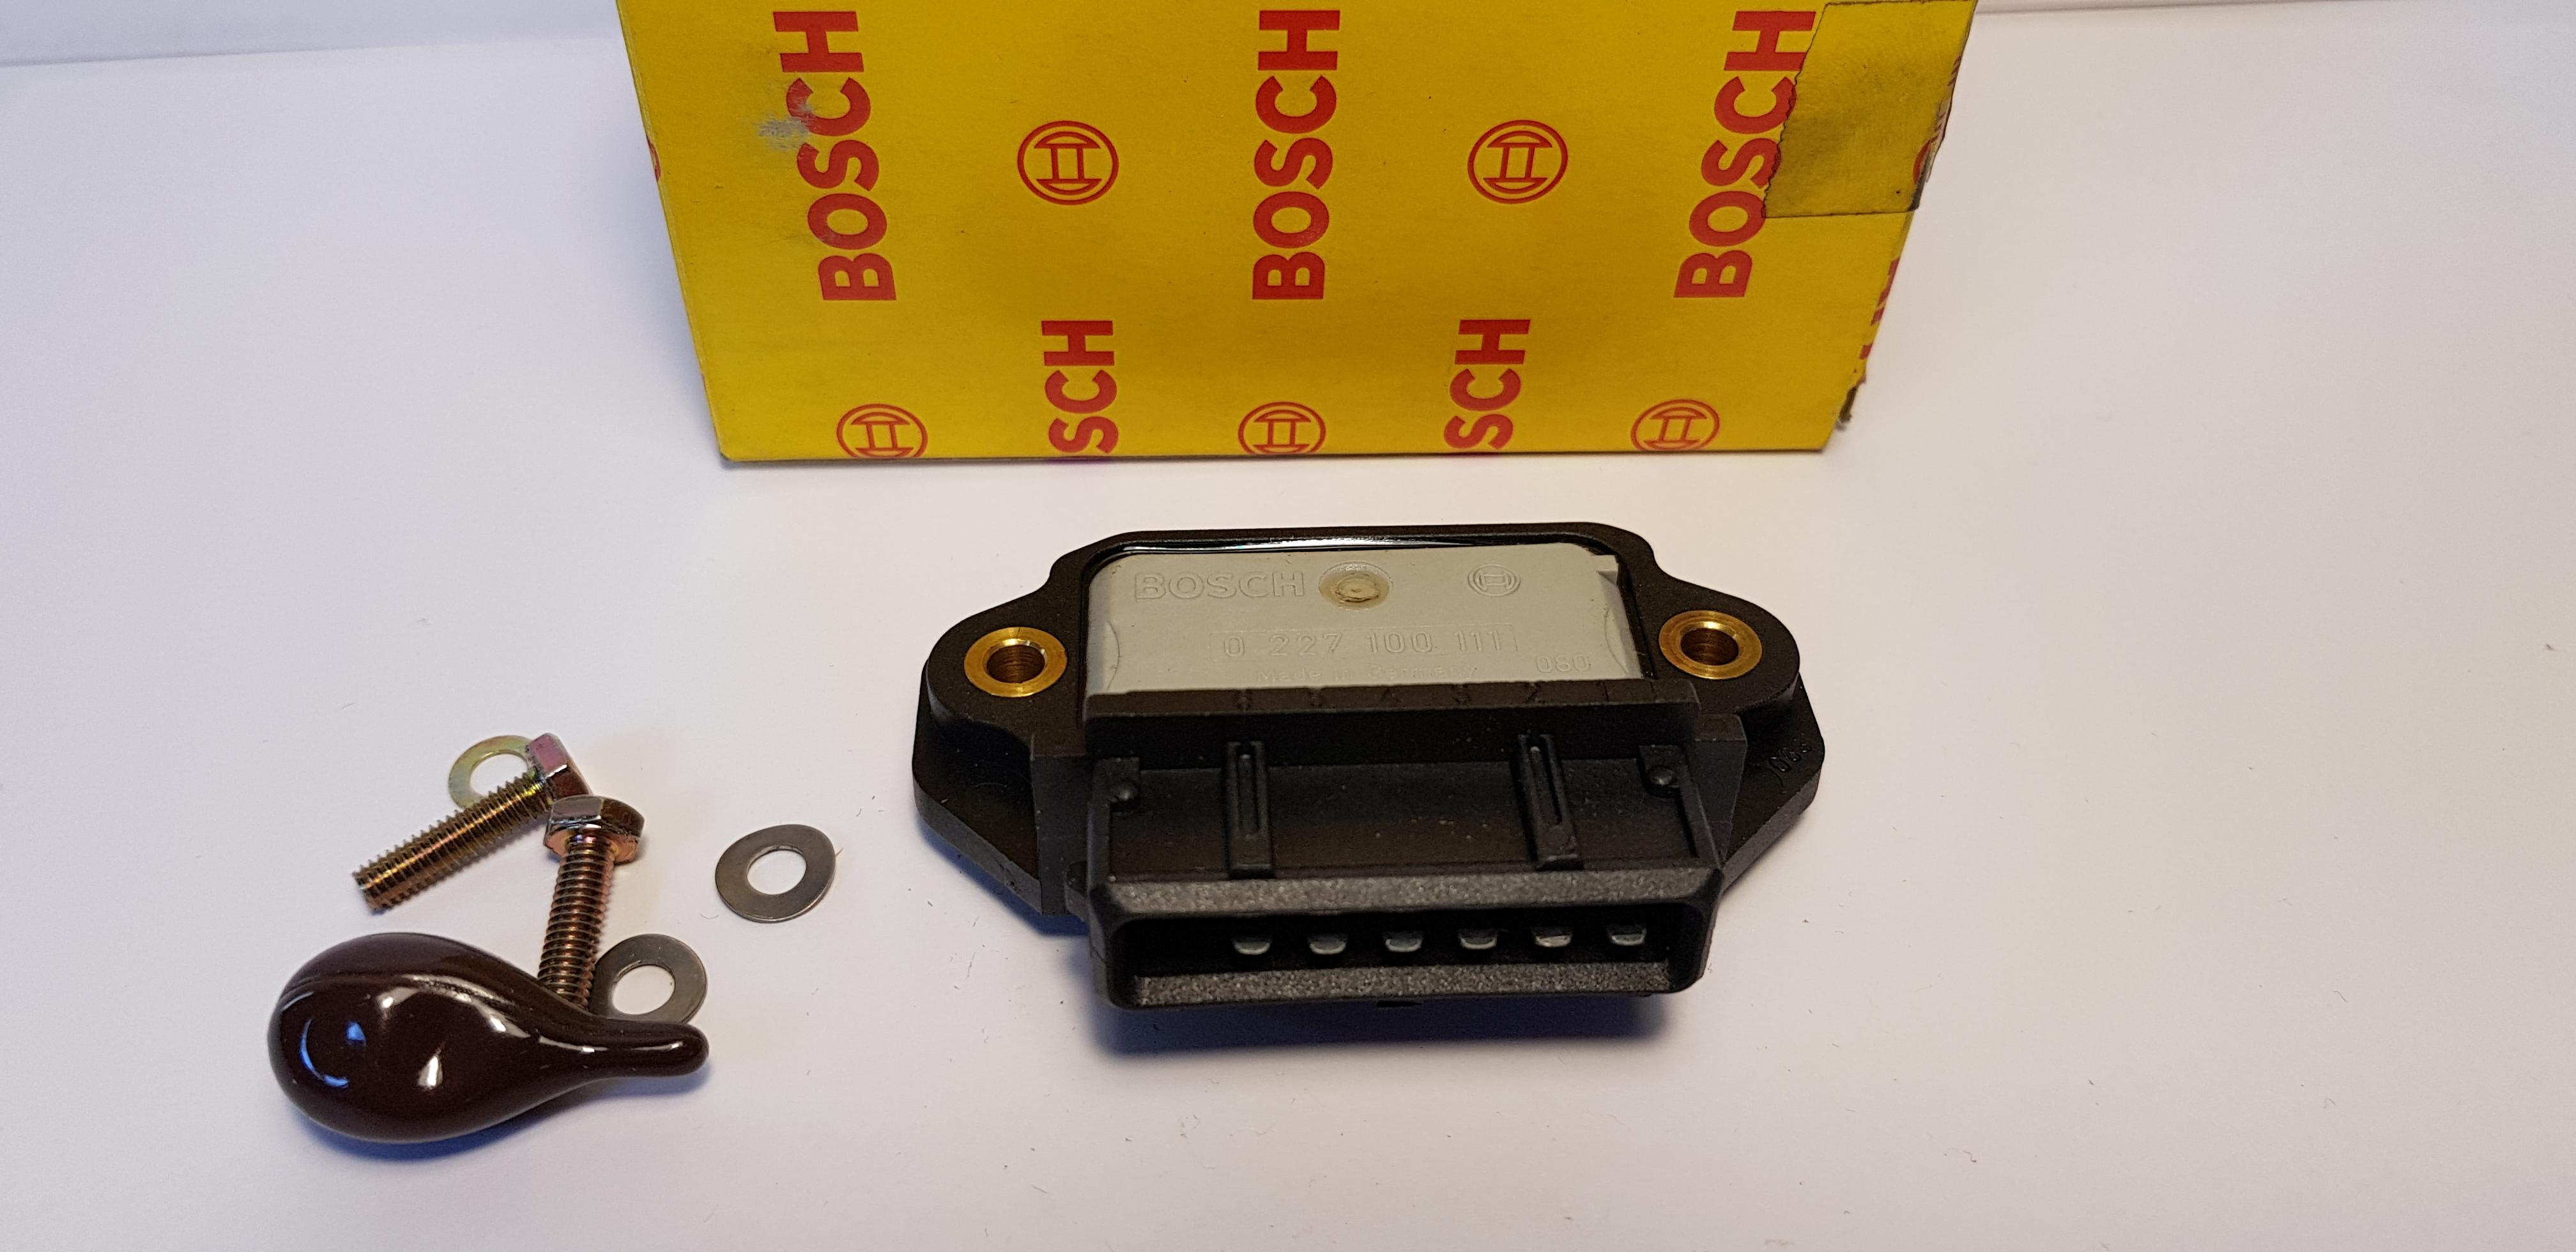 Bosch 1227010002 Schaltgerät Zündsteuergerät Zündung Steuerung Ignition Control